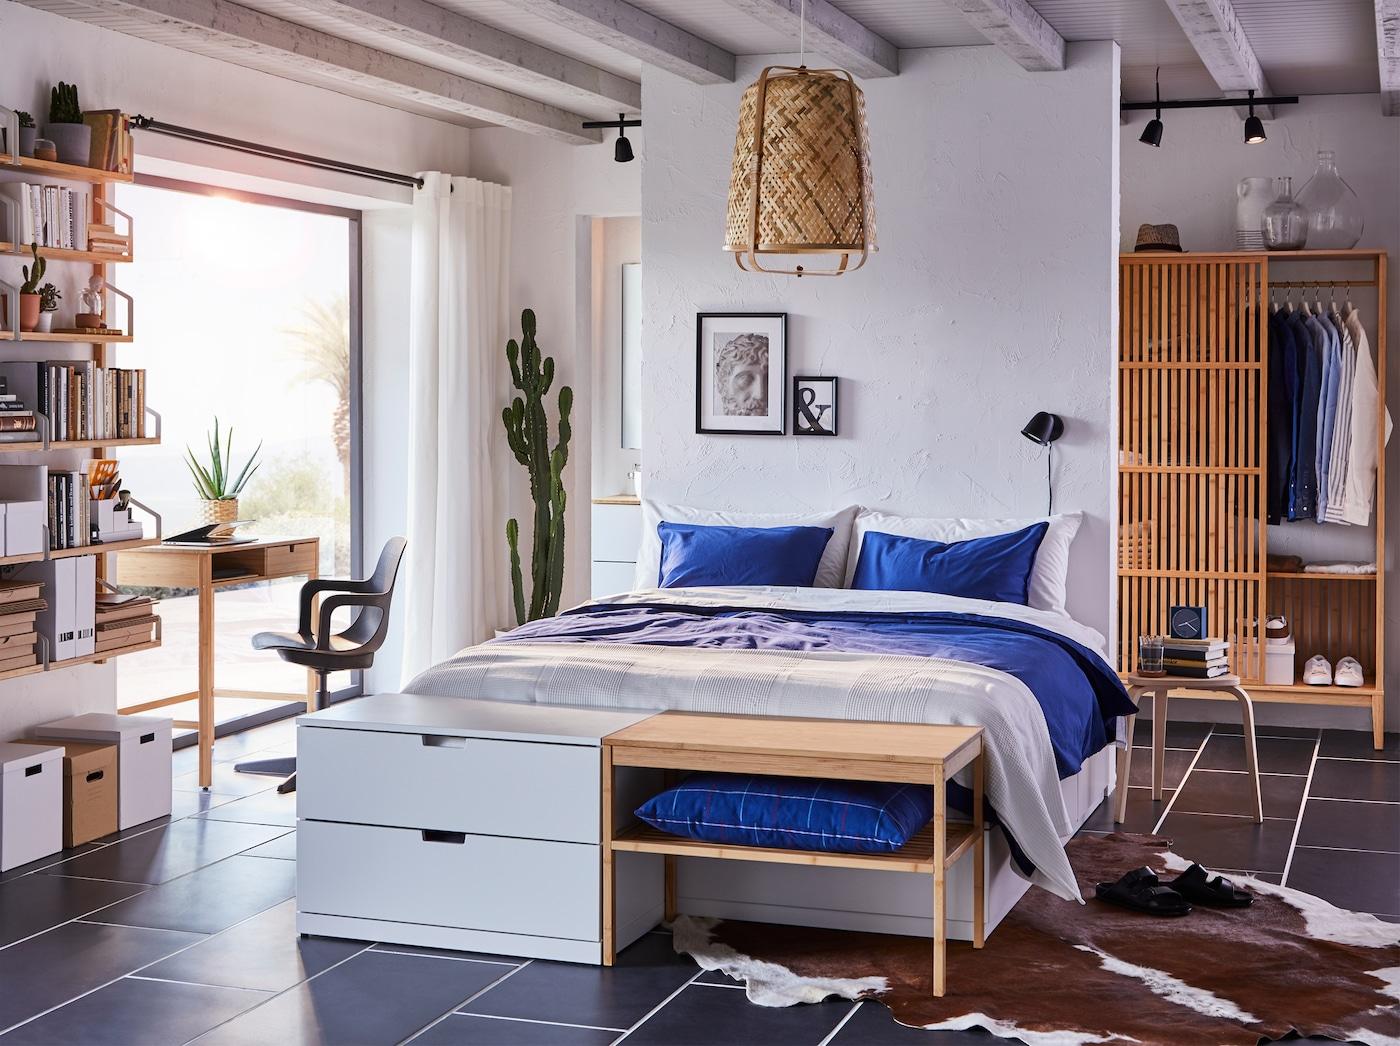 화이트 침대프레임과 블루 색상의 침구, 따스한 분위기가 흐르는 대나무 소재 펜던트등, 책상, 옷장, 선반으로 꾸민 침실